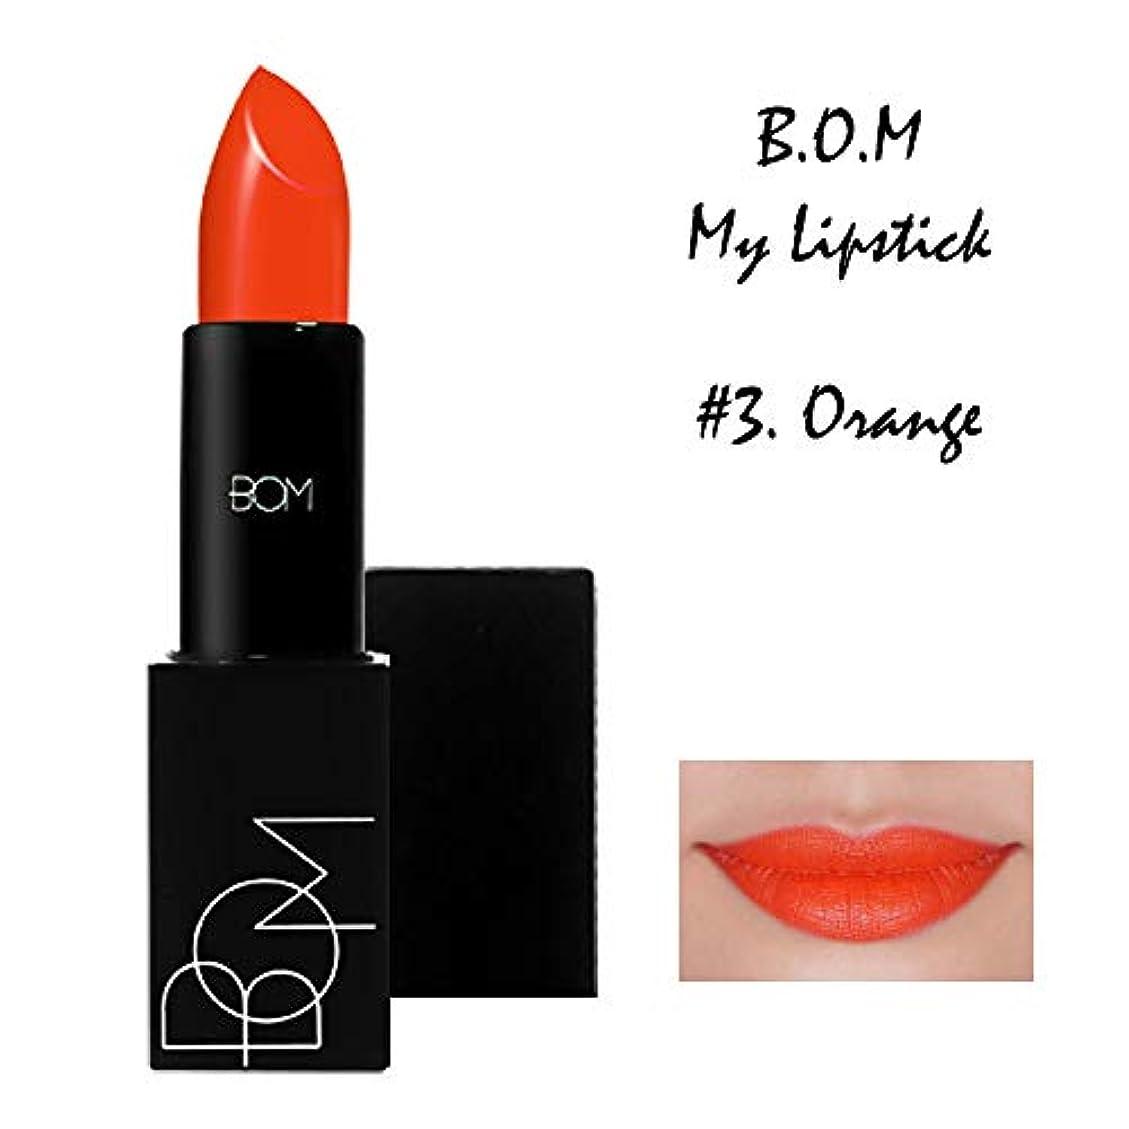 キャンペーンファンシー思慮深いbom 韓国化粧品6色磁気ケース付きマットリップスティック #803。オレンジ